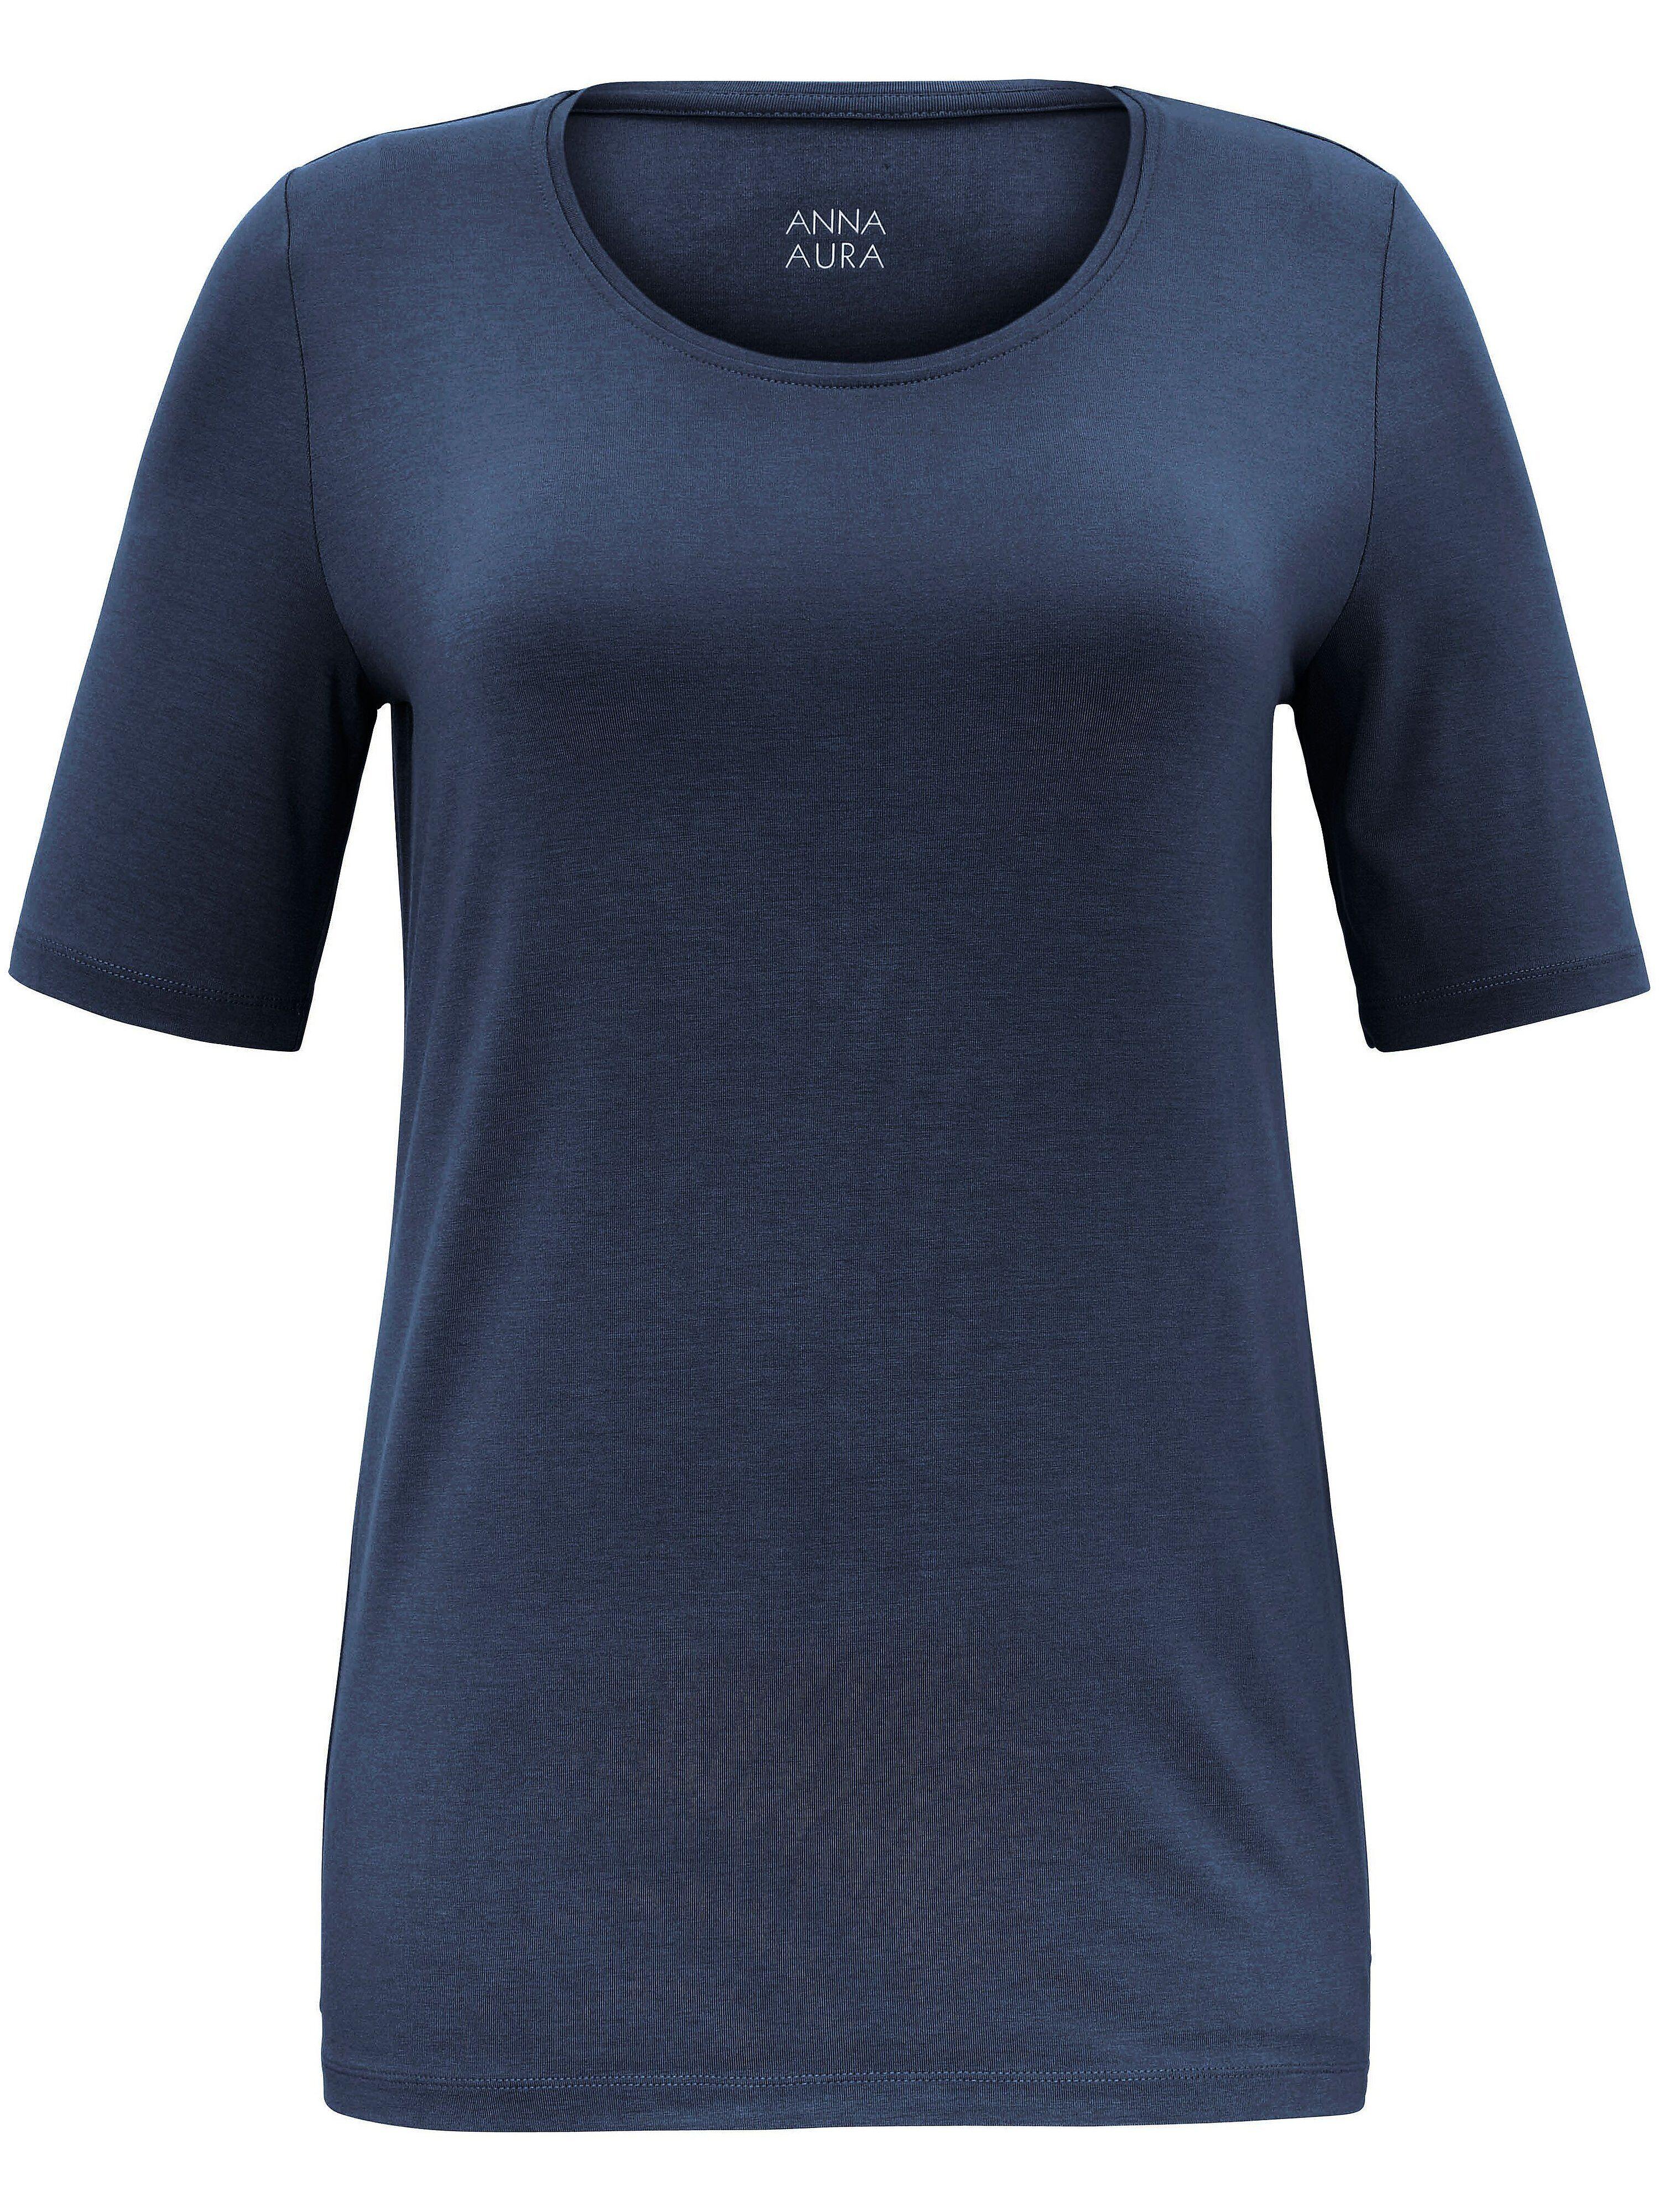 Anna Aura Le T-shirt facile d'entretien  Anna Aura bleu  - Femme - 46